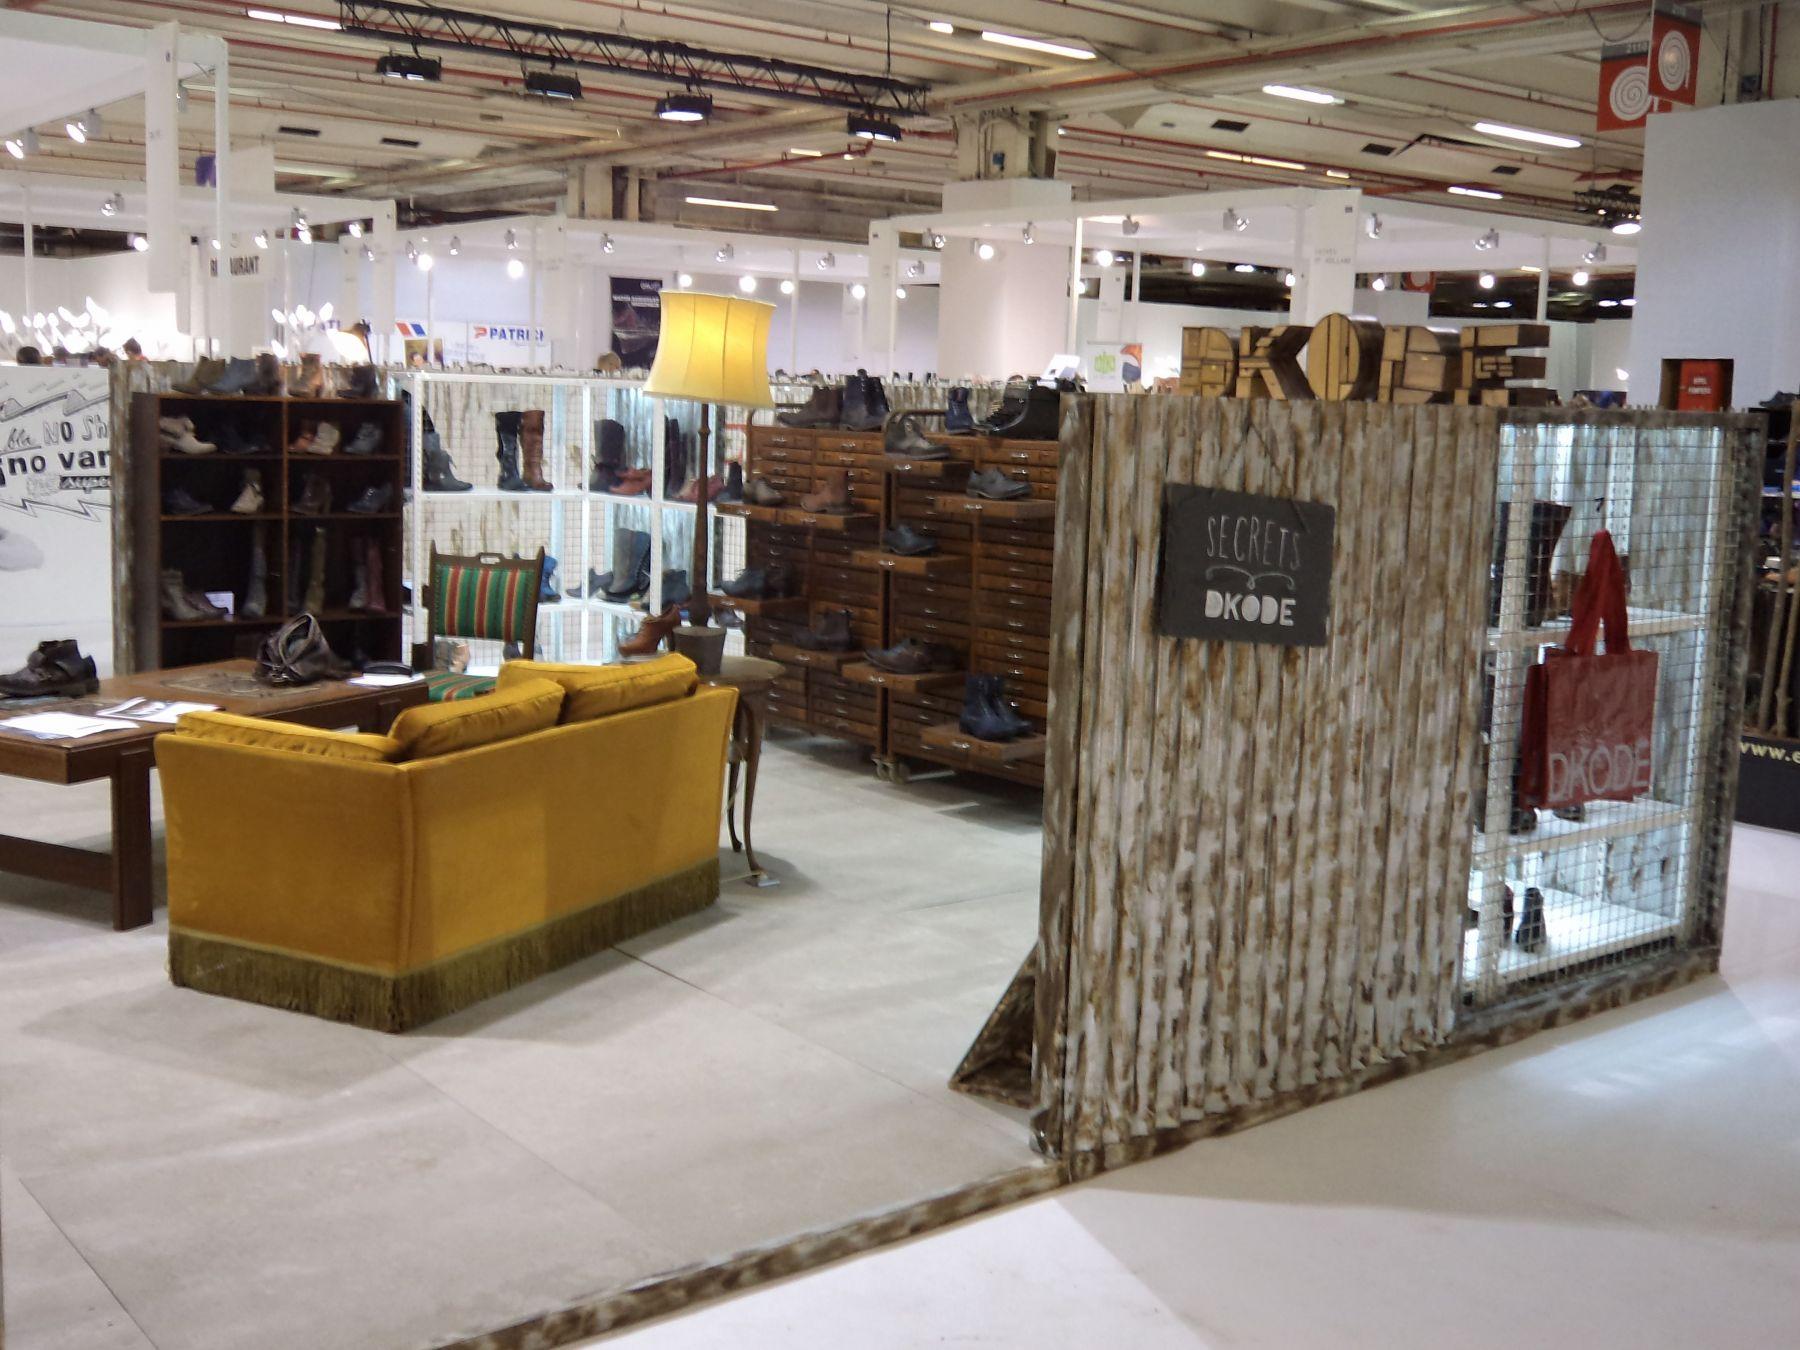 Exhibition Stand Builders Paris : Stands cbs creative building solutions paris